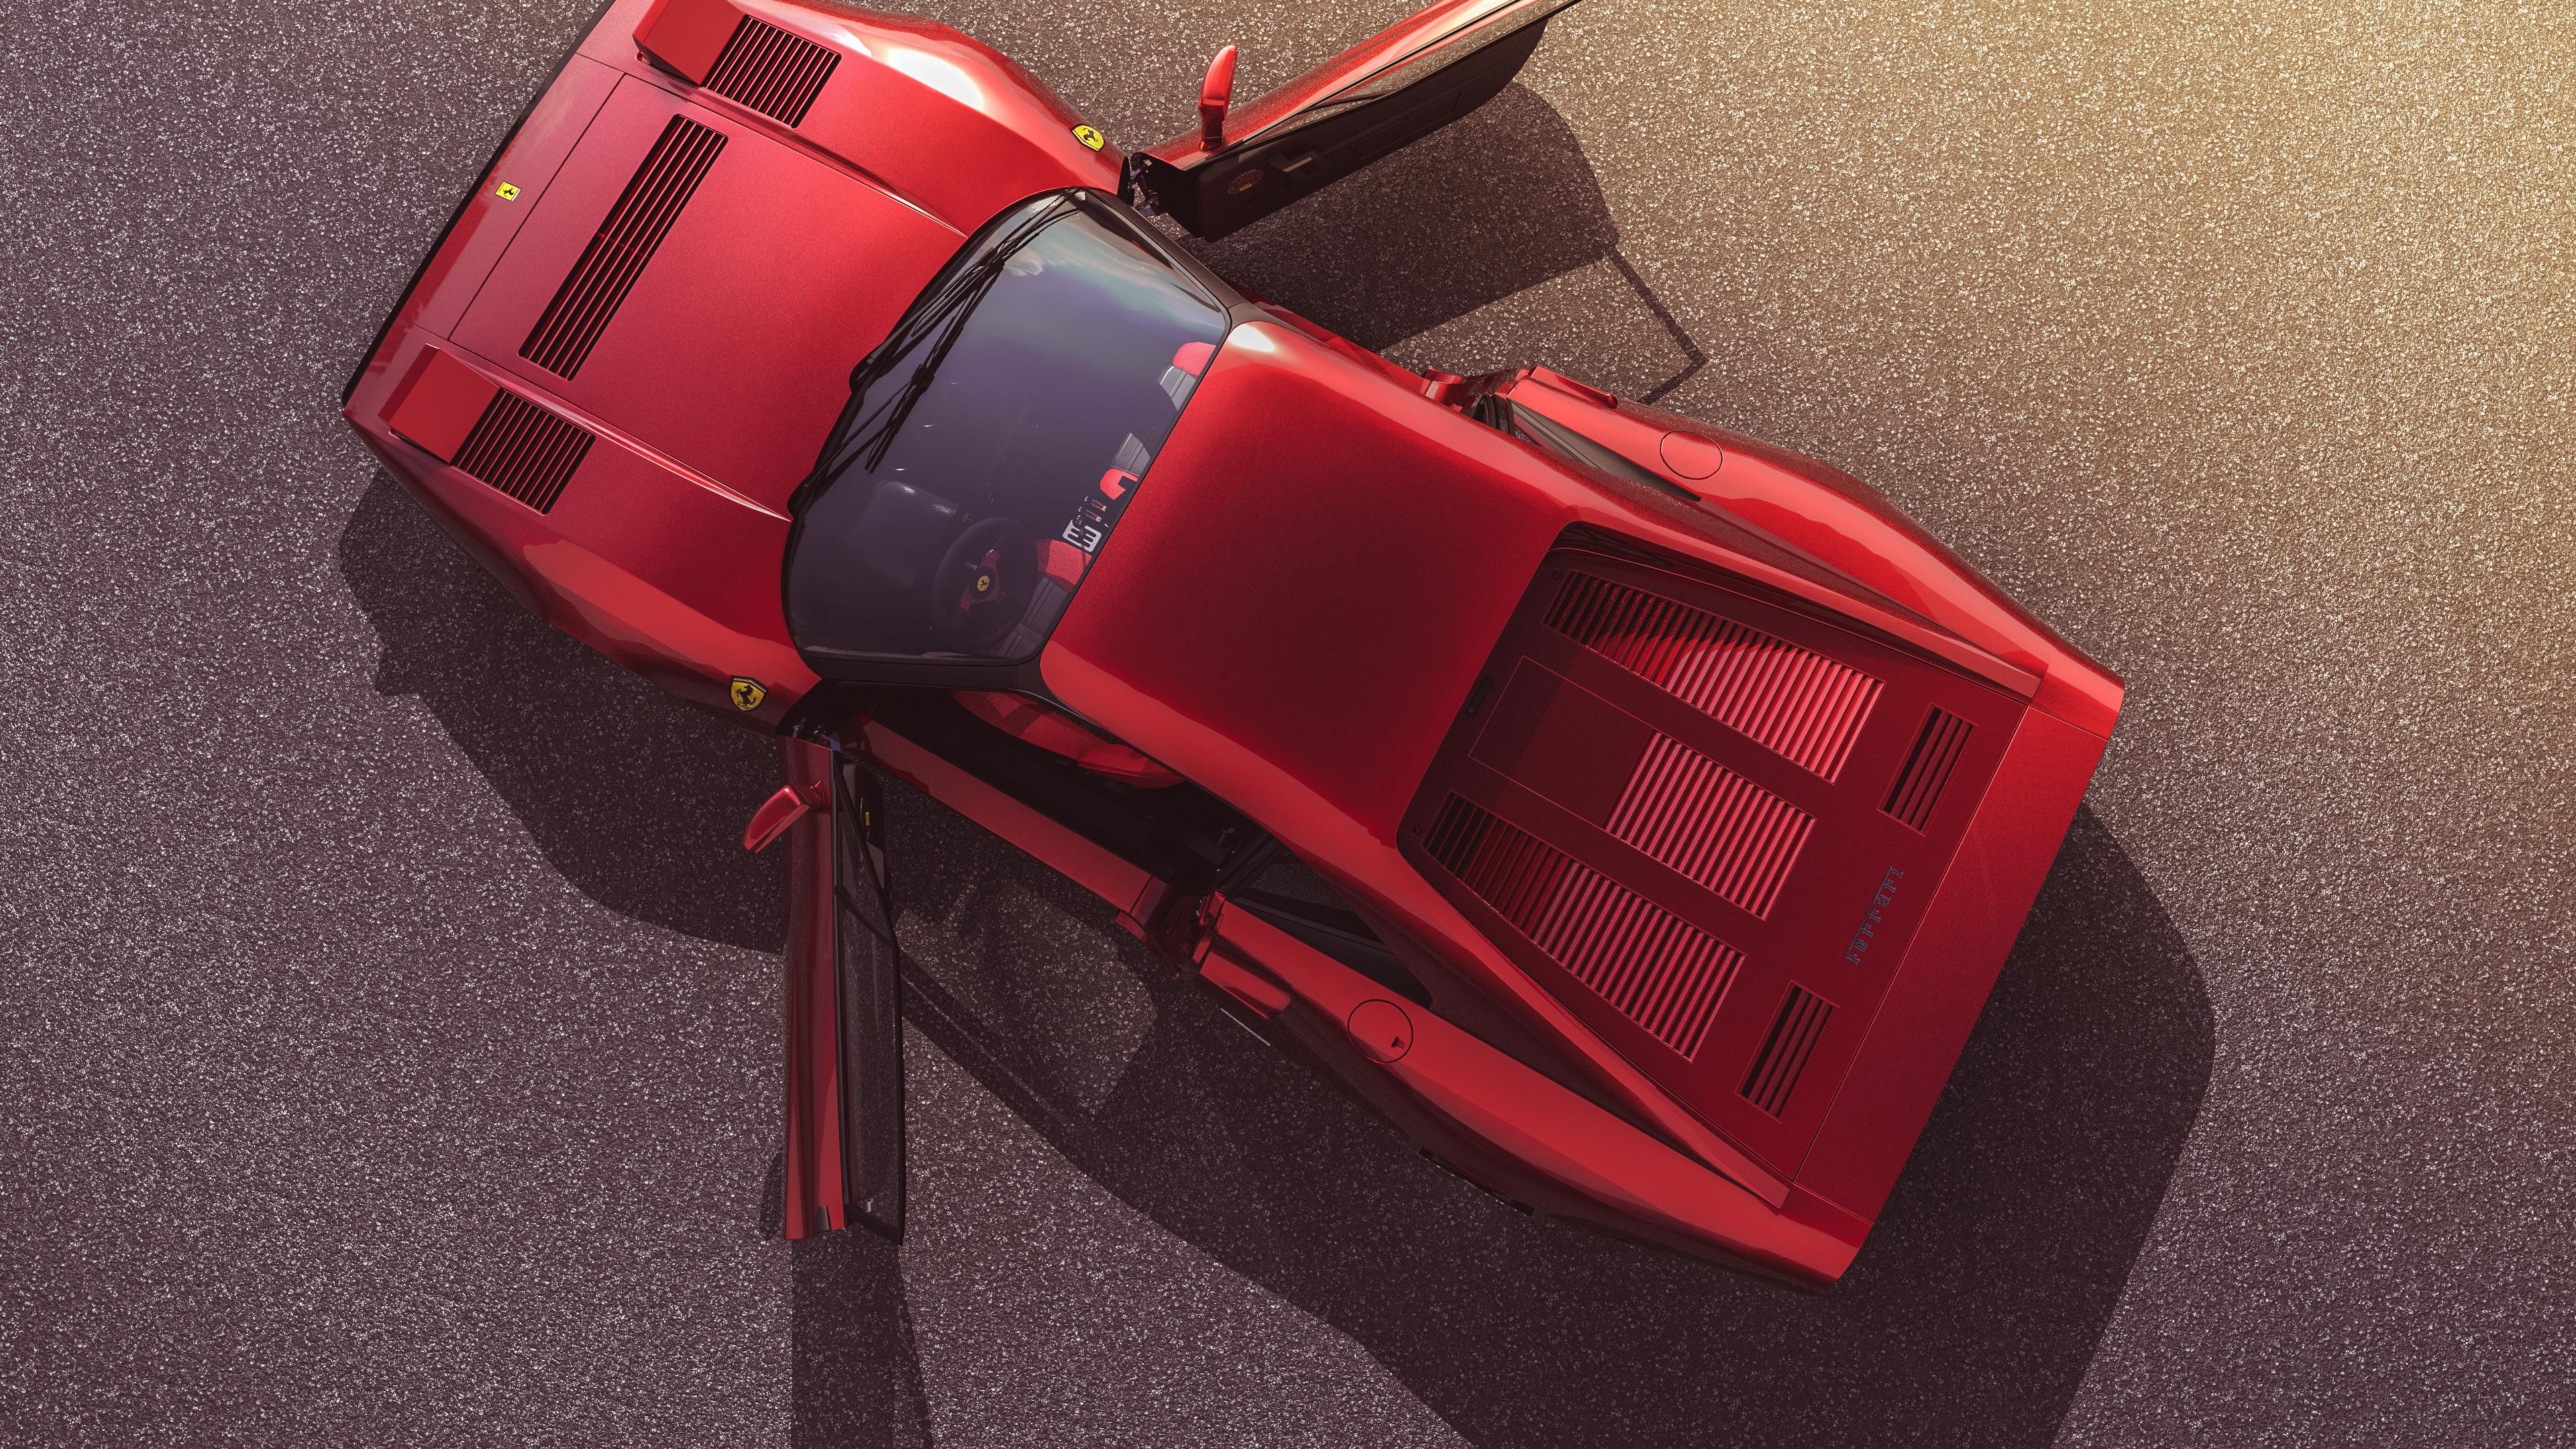 ferrari 288 4k 1546361857 - Ferrari 288 4k - hd-wallpapers, ferrari wallpapers, cars wallpapers, behance wallpapers, 4k-wallpapers